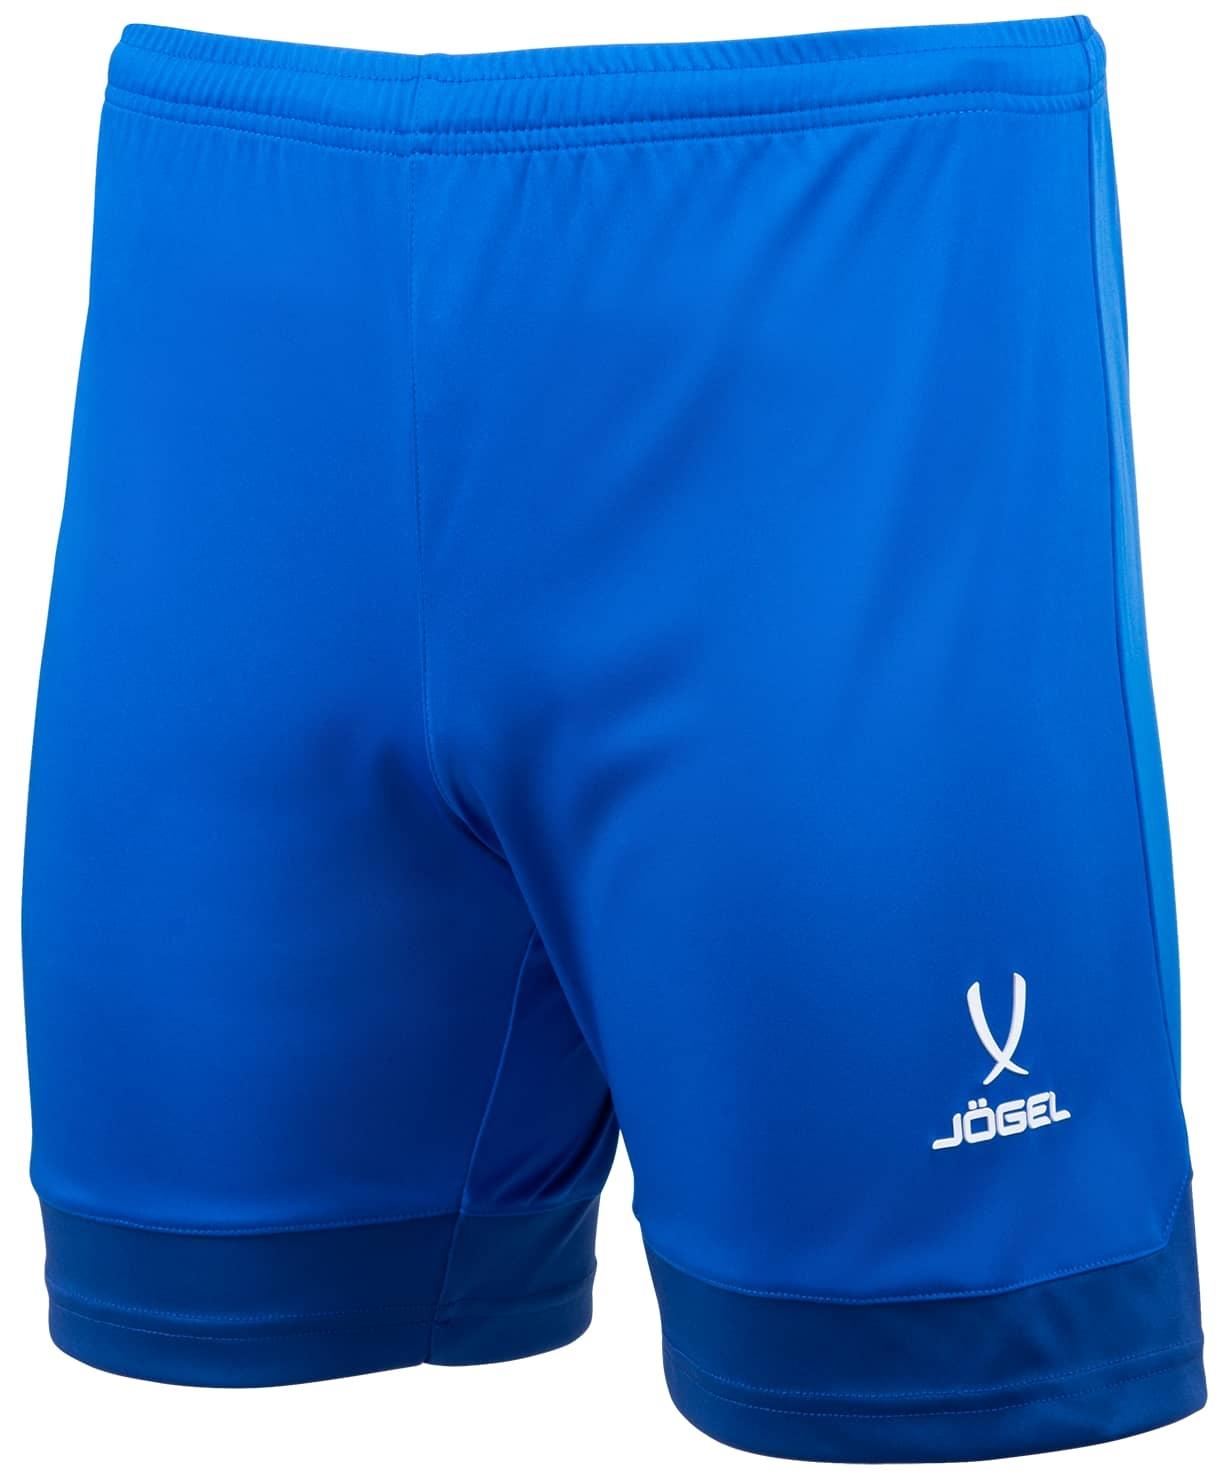 Шорты игровые DIVISION PerFormDRY Union Shorts, синий/темно-синий/белый, детские